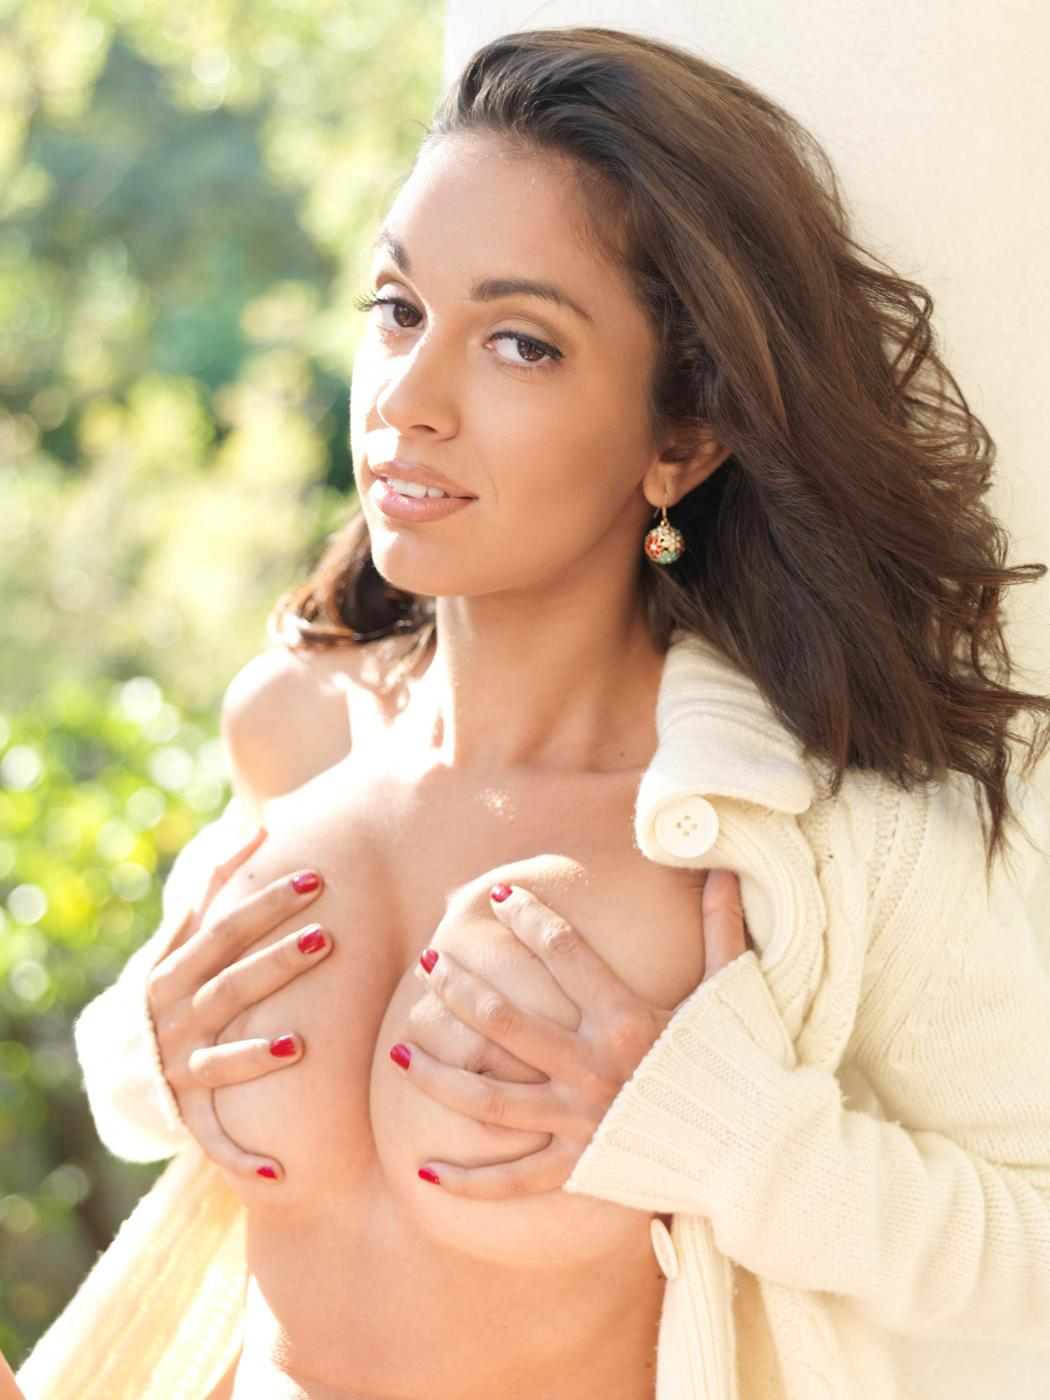 Изящная модель с темными волосами с соблазнительной грудью и мелкой стрижкой на писе Helen H показывает свое чистое тело